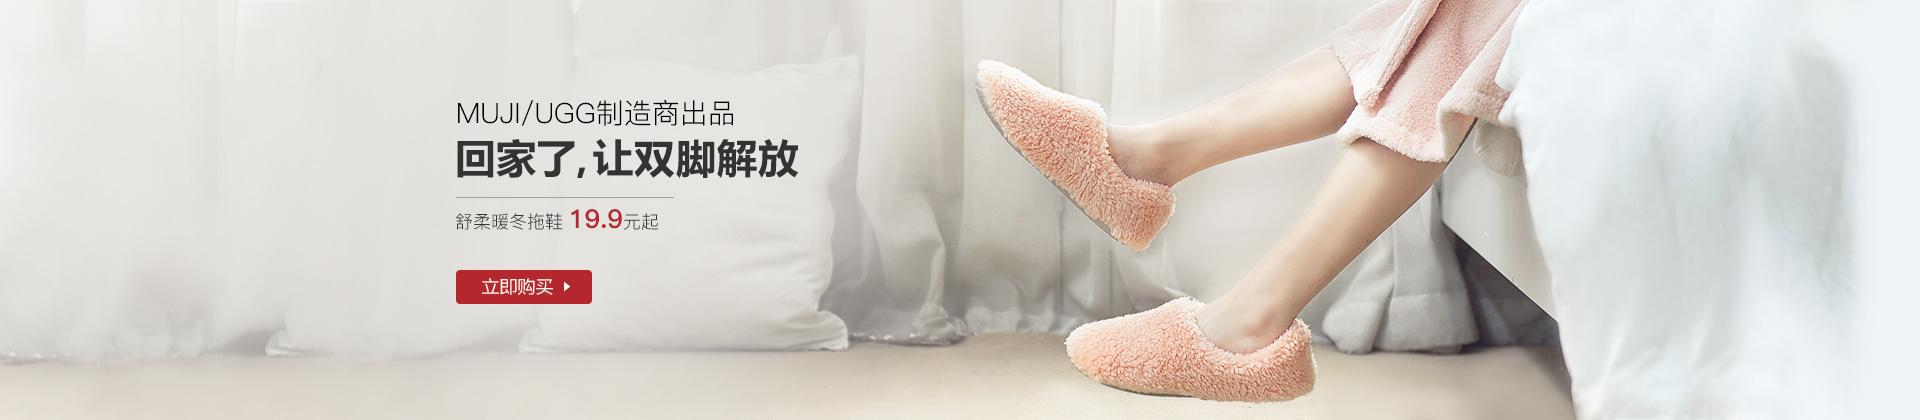 类目 拖鞋